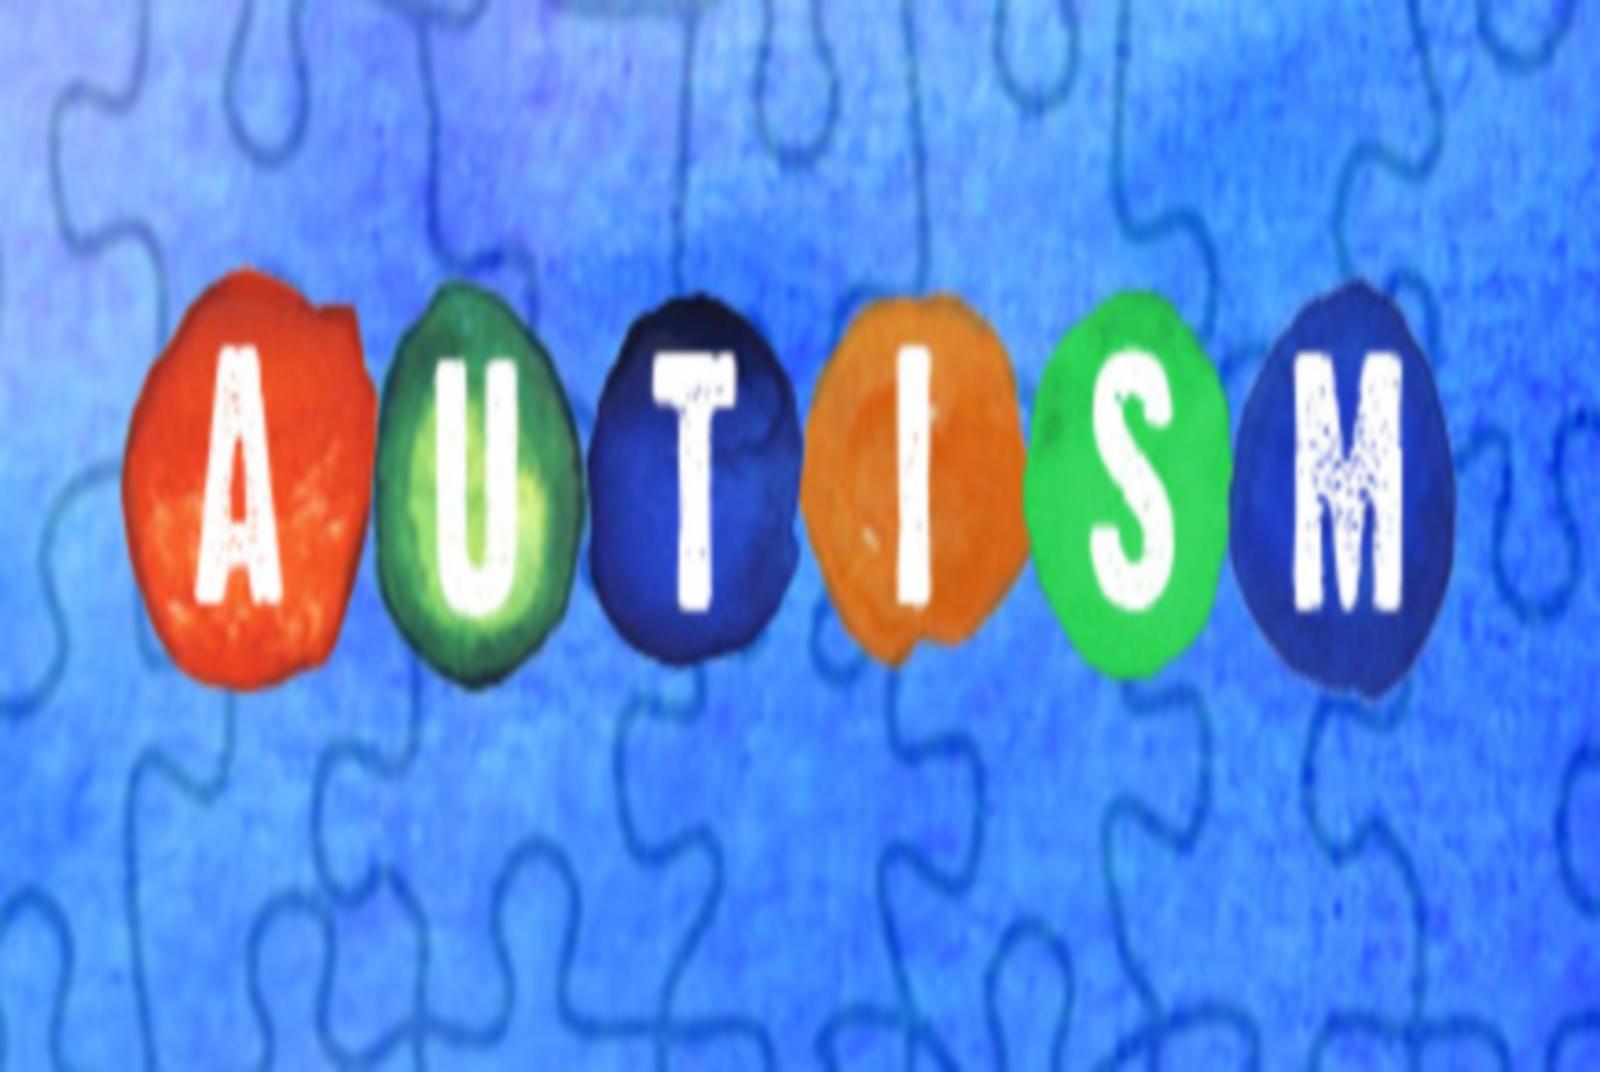 Αυτισμός: Συμβουλές αποτελεσματικής μελέτης